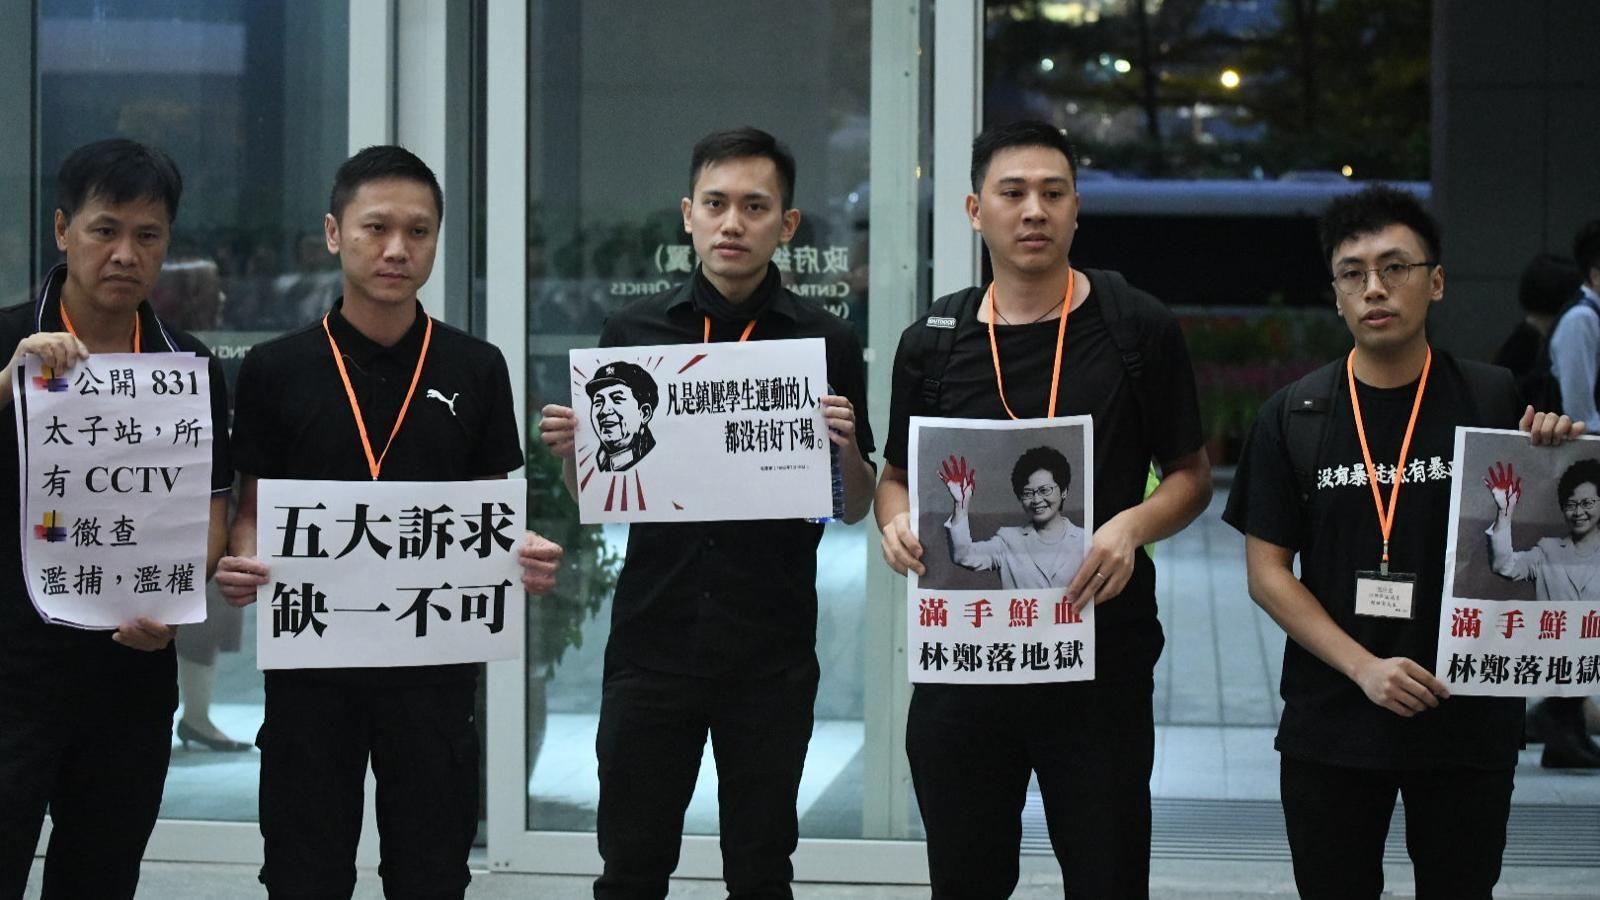 【修例風波】林鄭政總晤區議員 5沙田區議員持示威標語進場